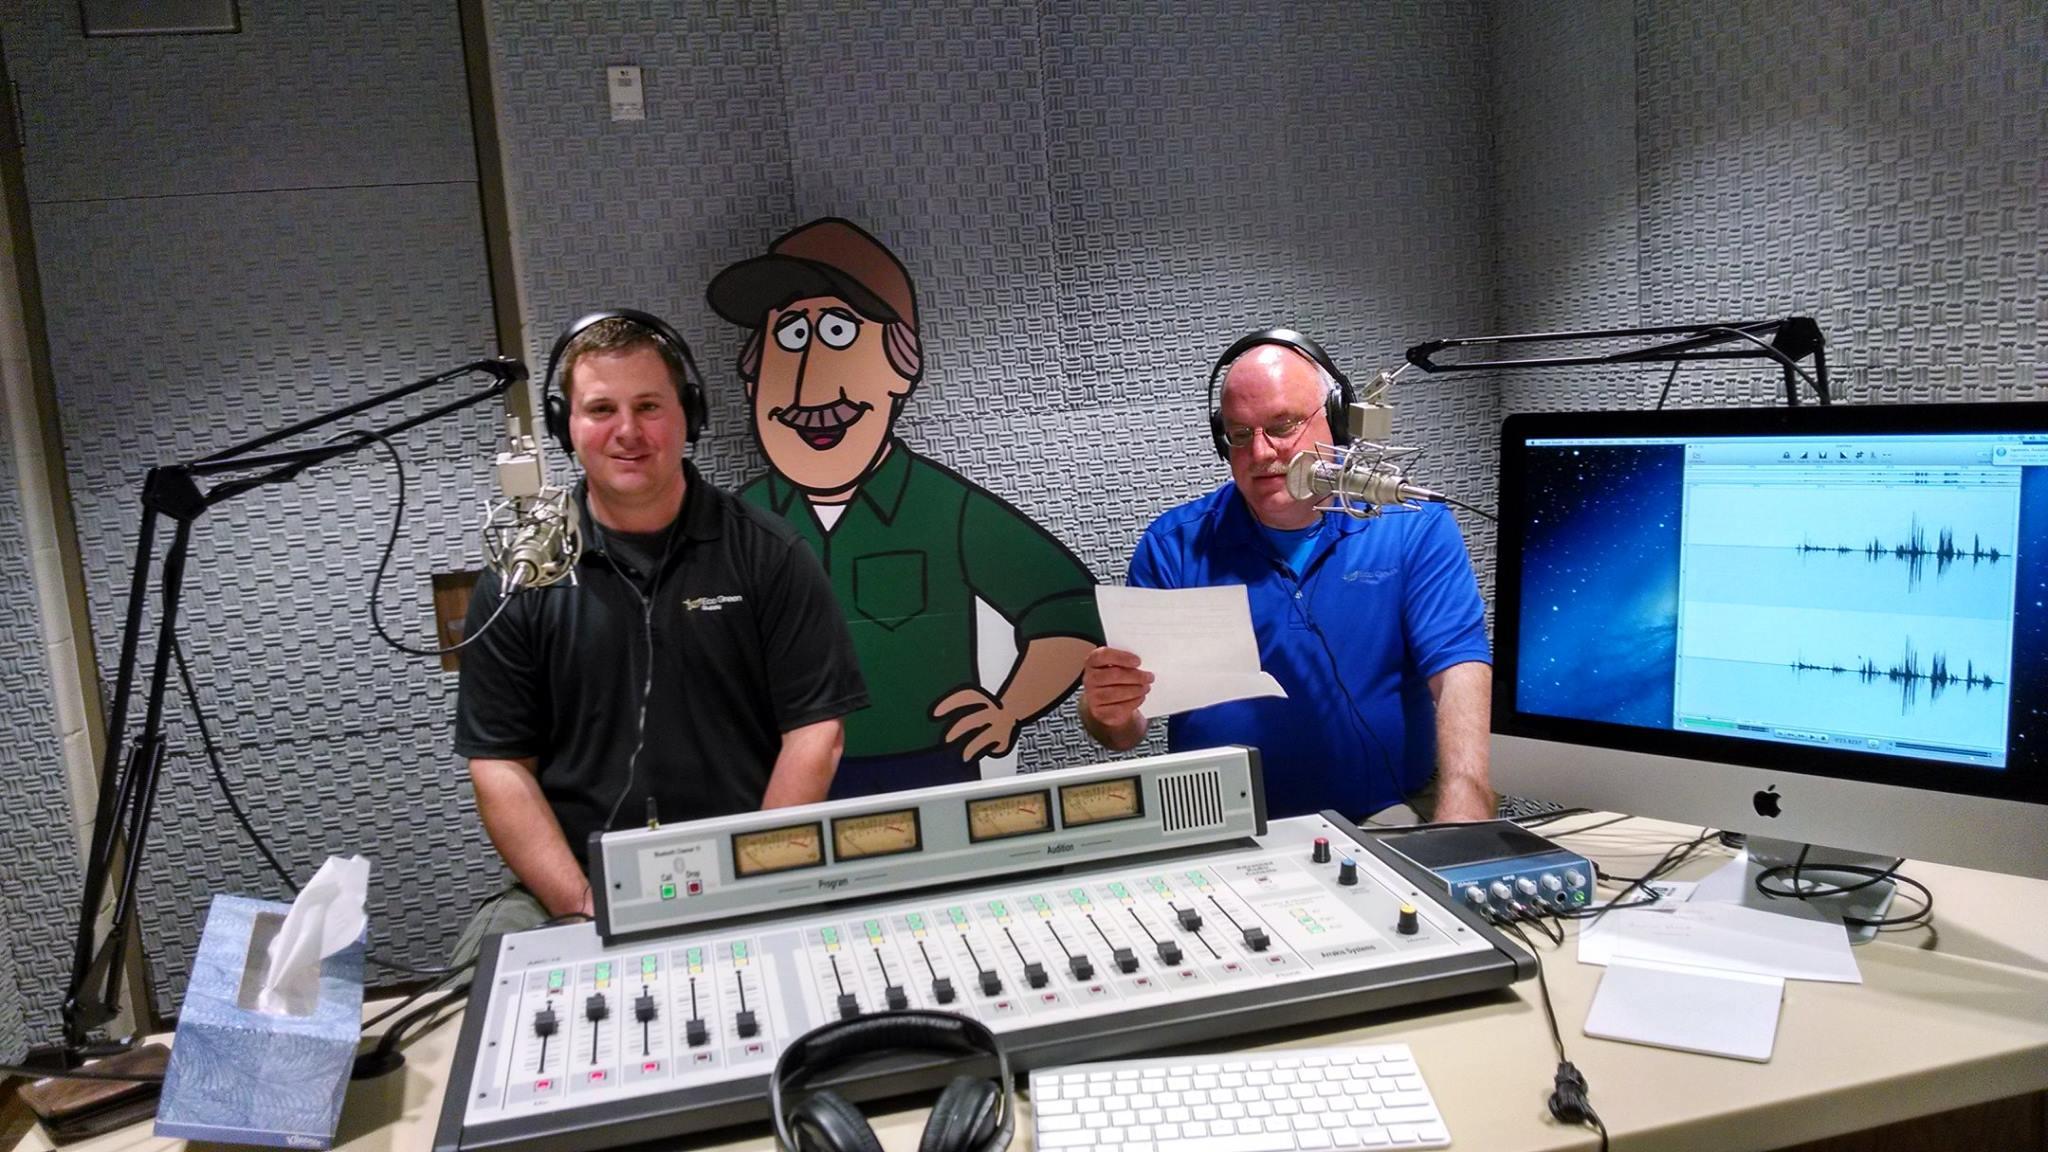 Jeff and Tony at a Radio Show